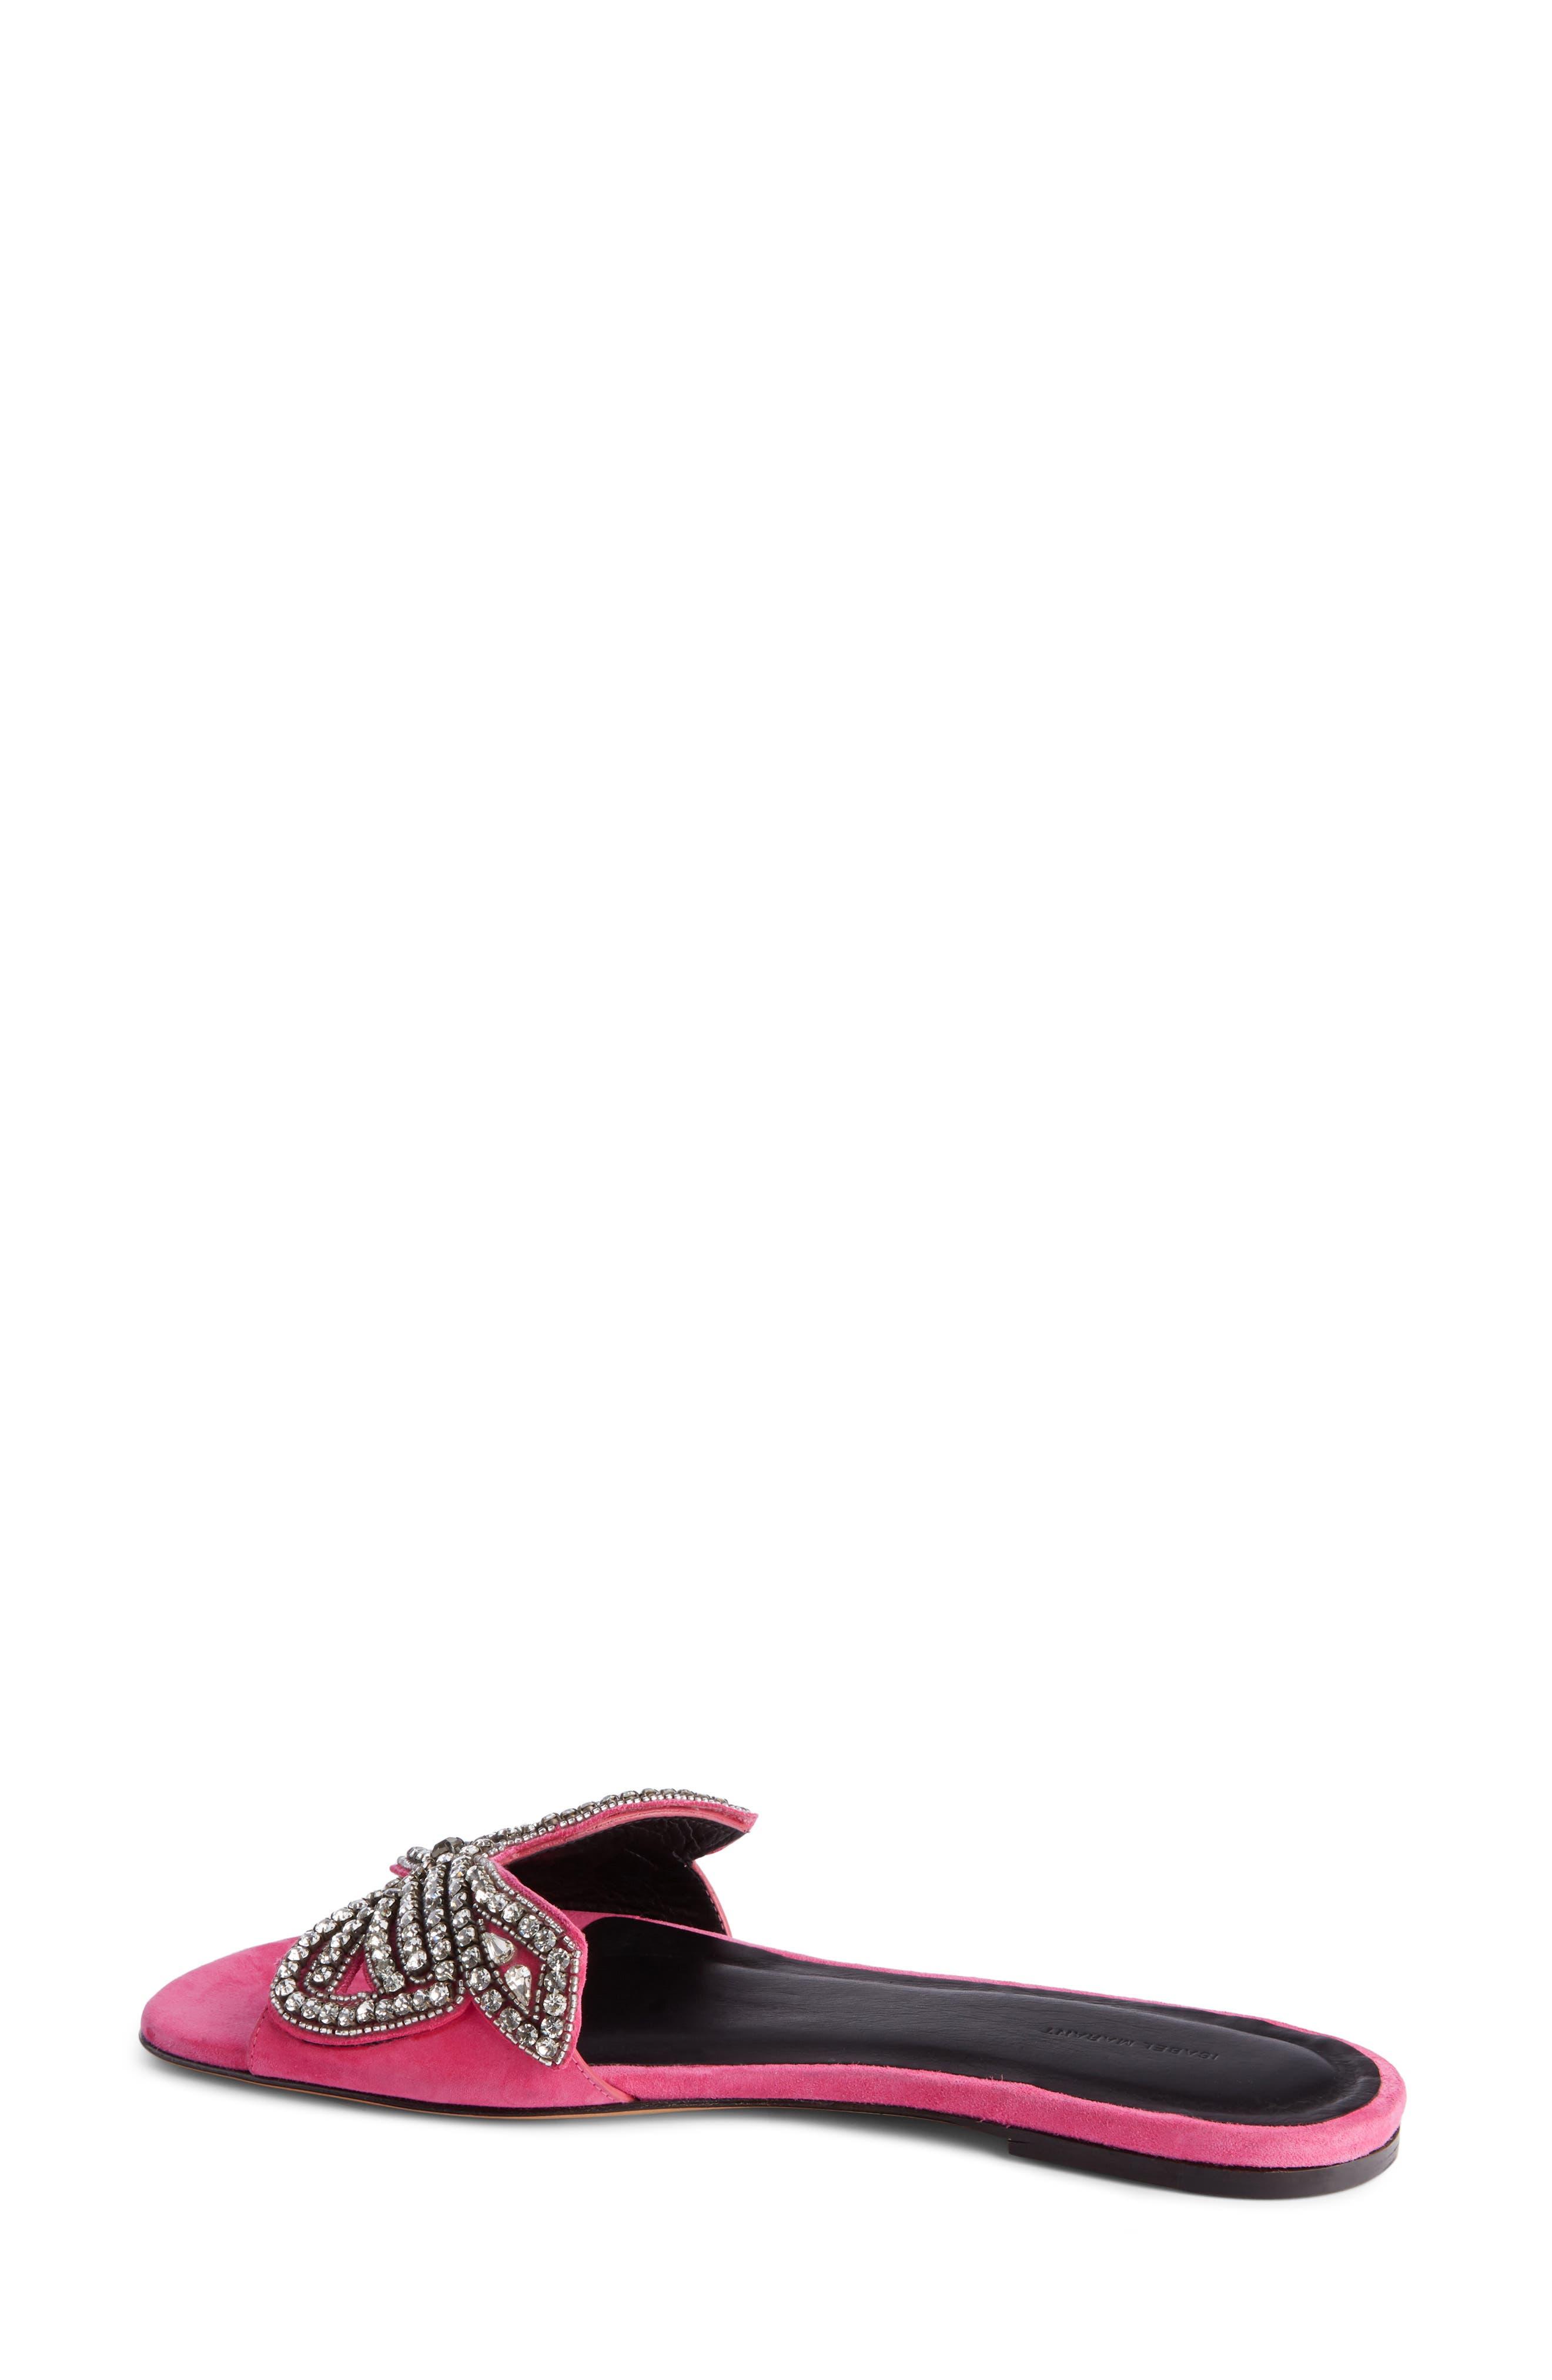 Jelson Crystal Bow Slide Sandal,                             Alternate thumbnail 2, color,                             650